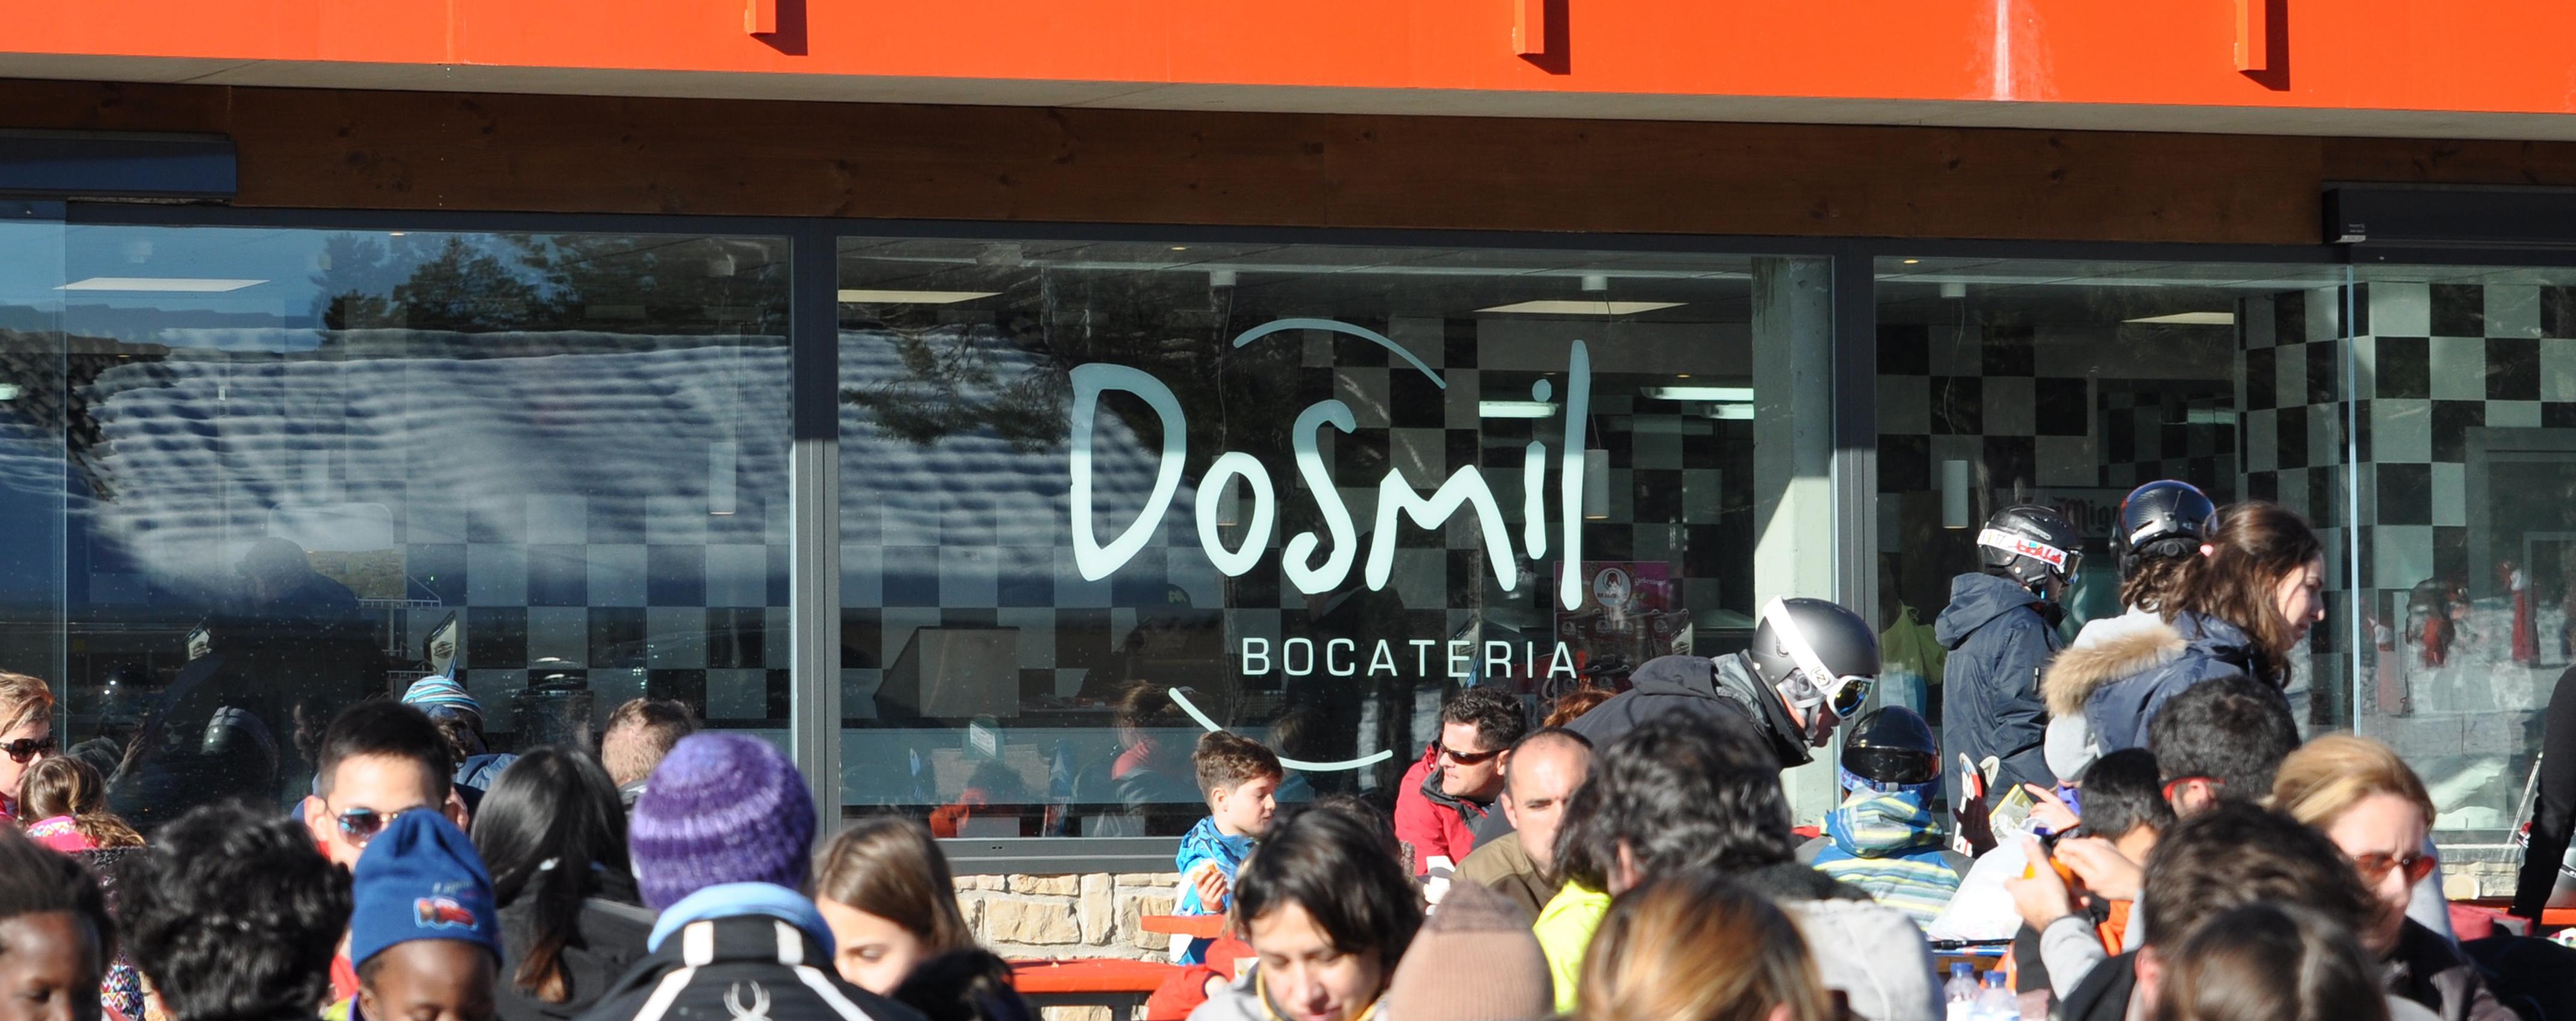 Bocatería Dosmil